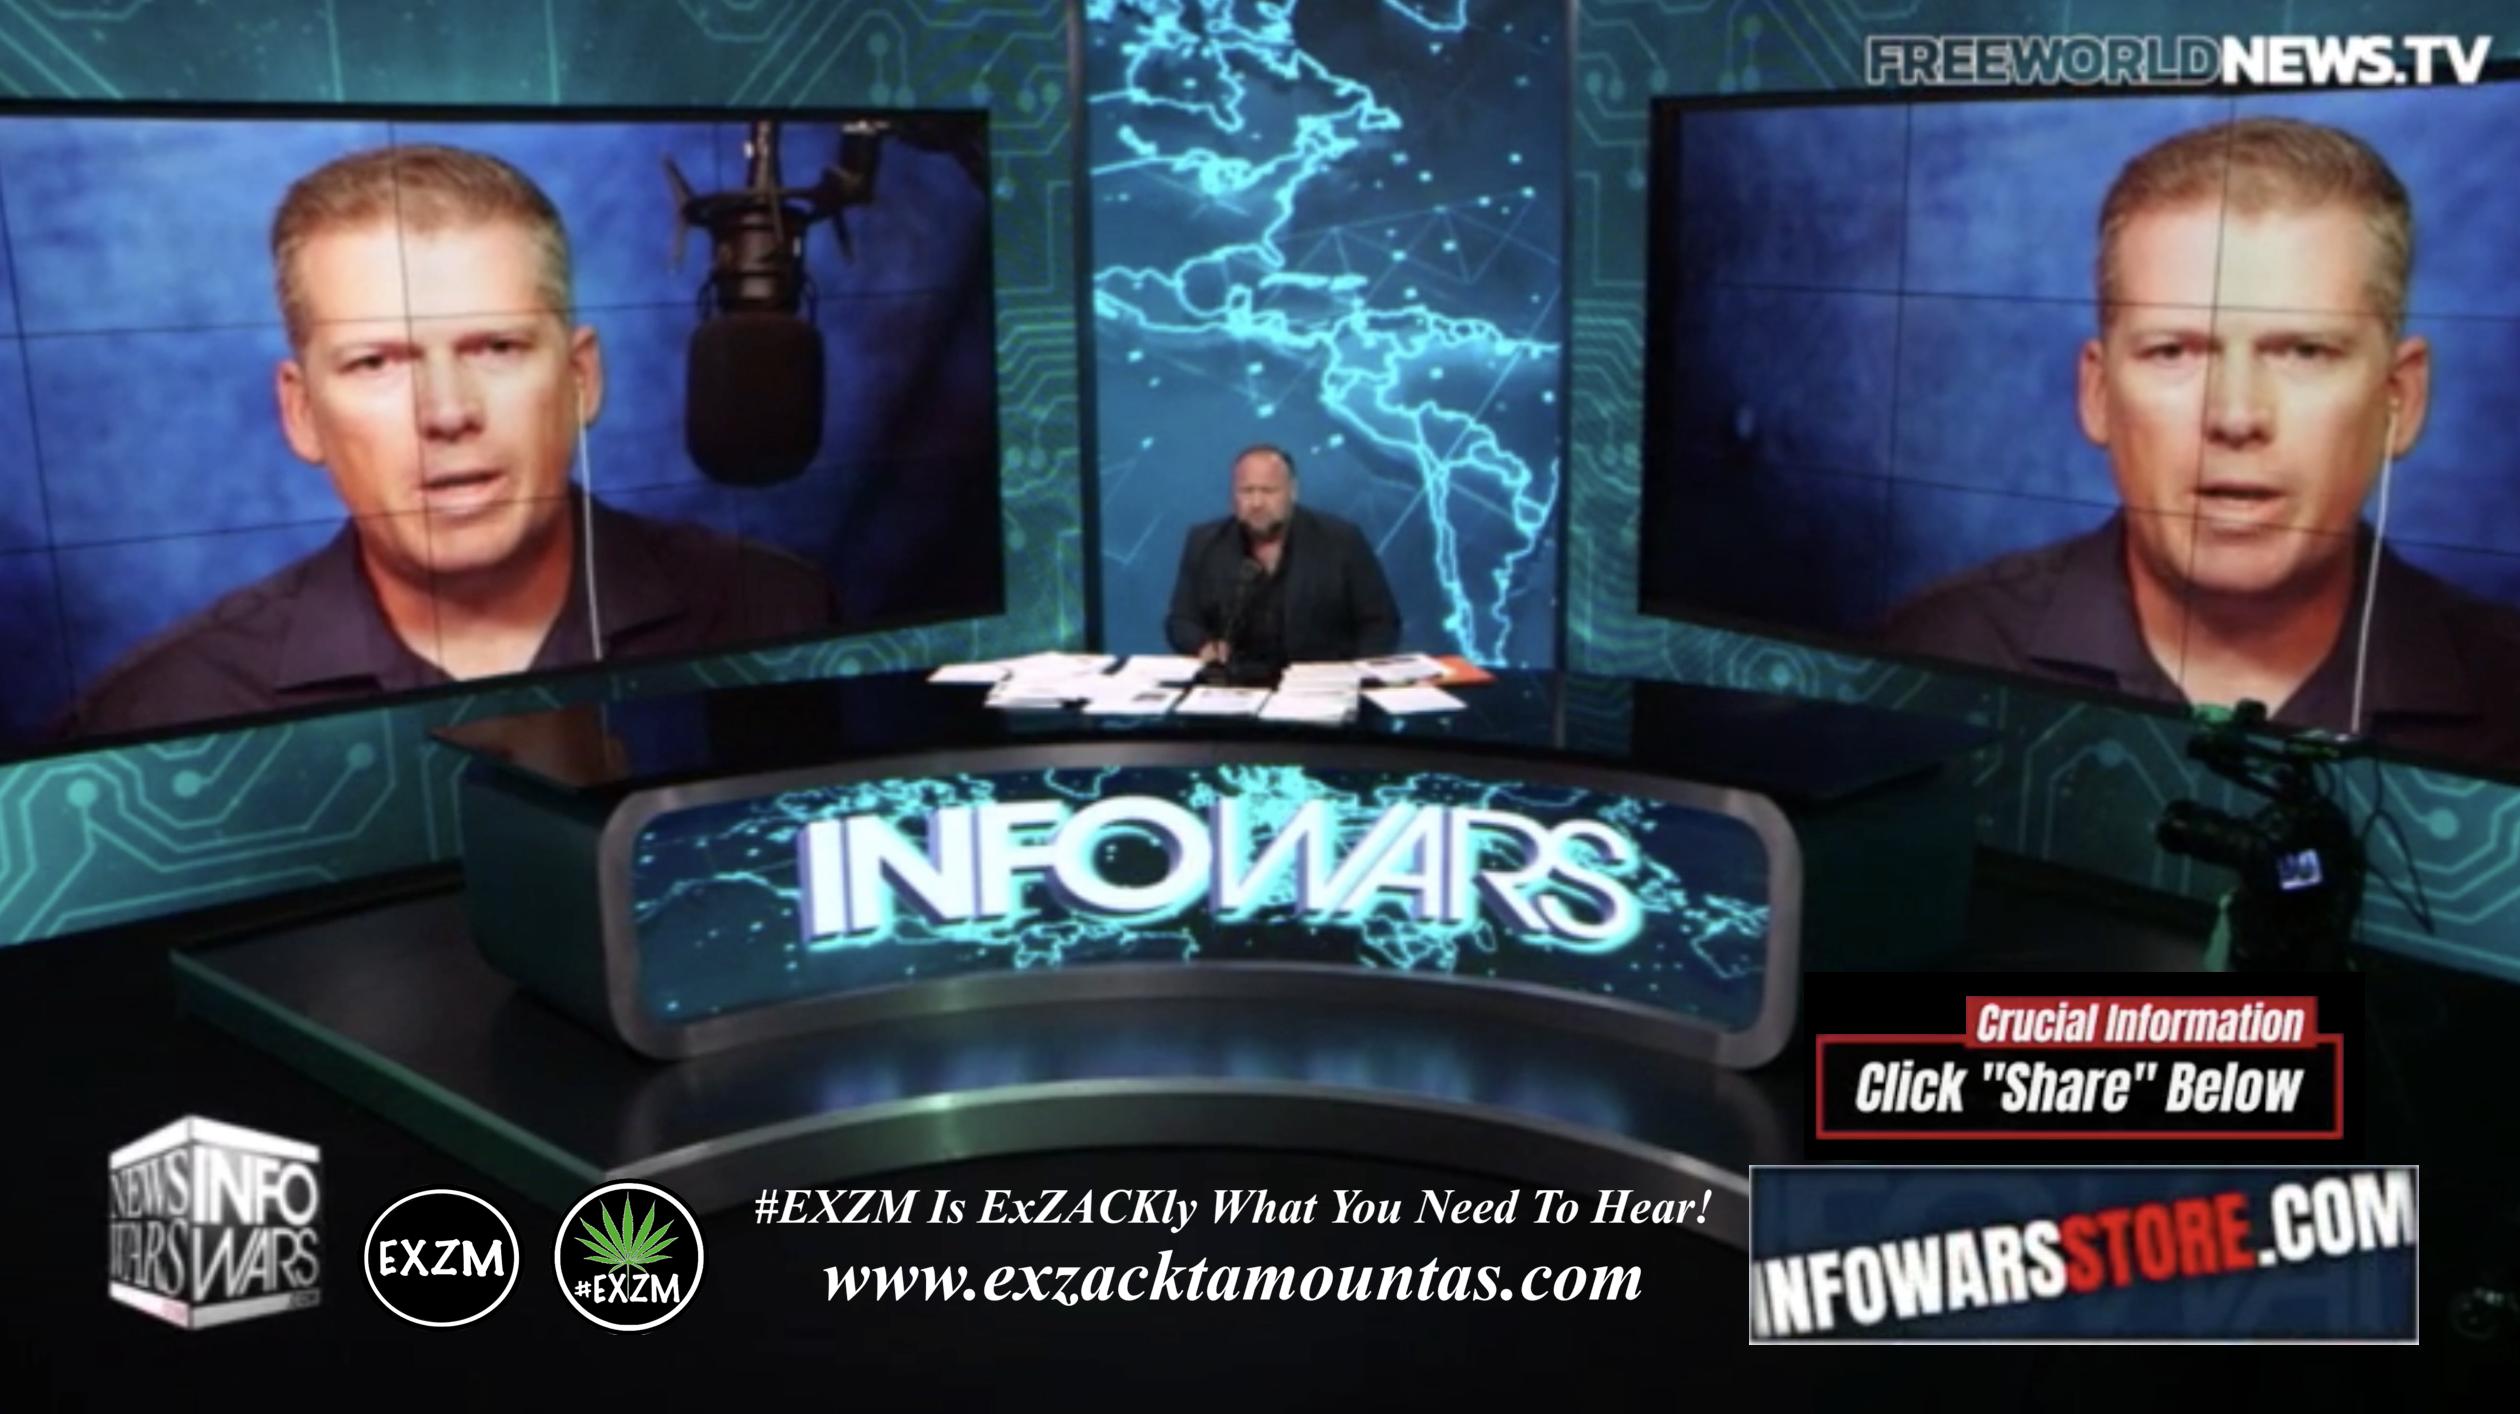 Alex Jones Mike Adams Live In Infowars Studio Free World News TV EXZM Zack Mount October 3rd 2021 copy